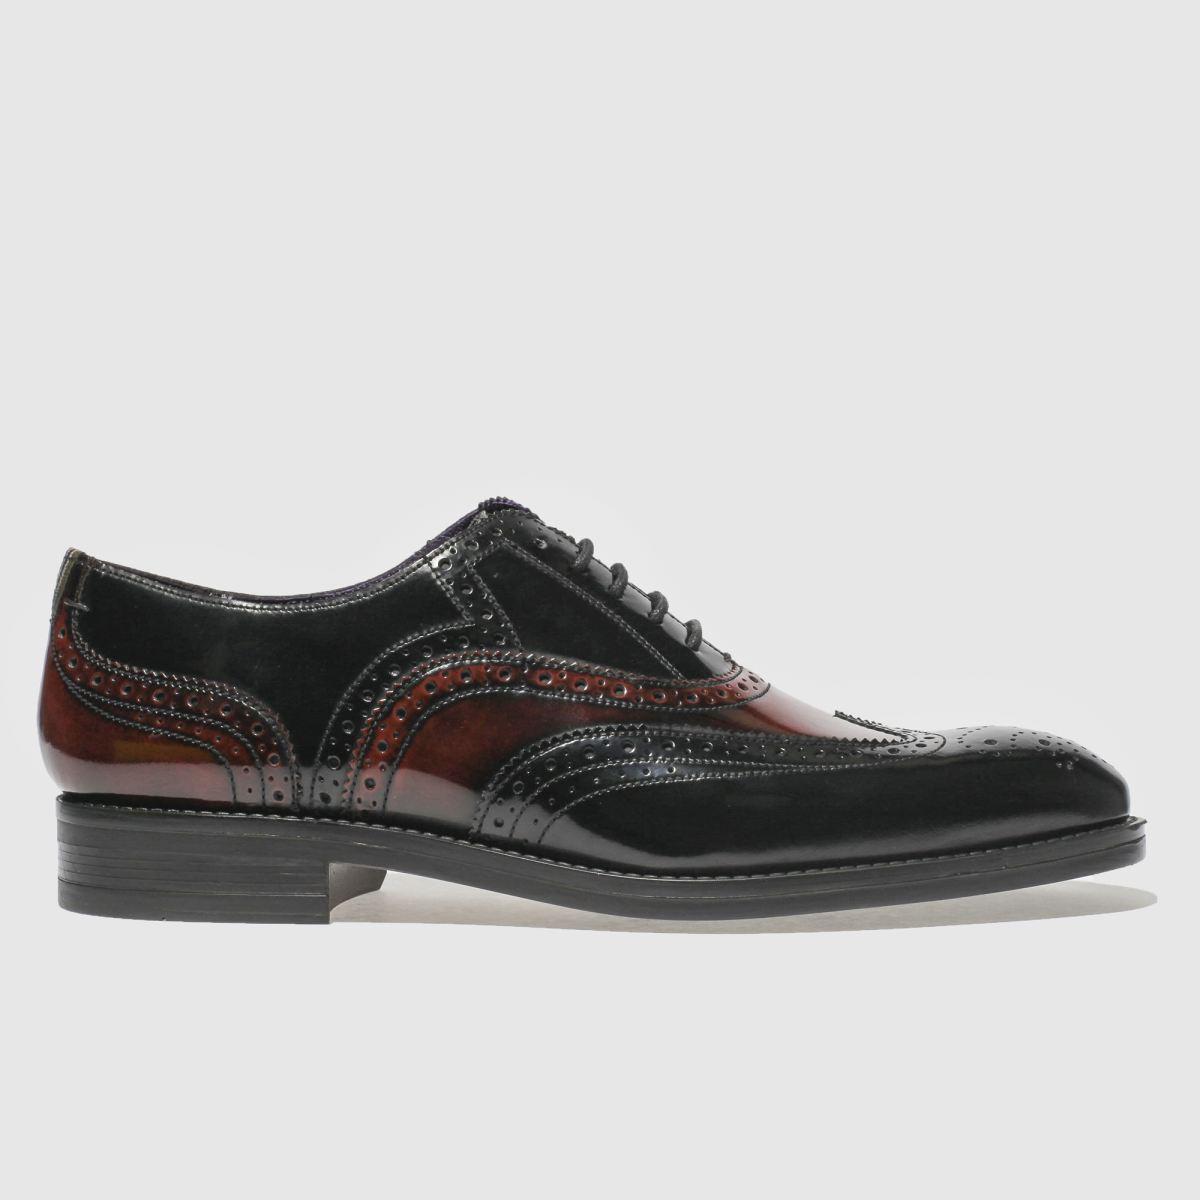 Ted Baker Burgundy Adimir Shoes